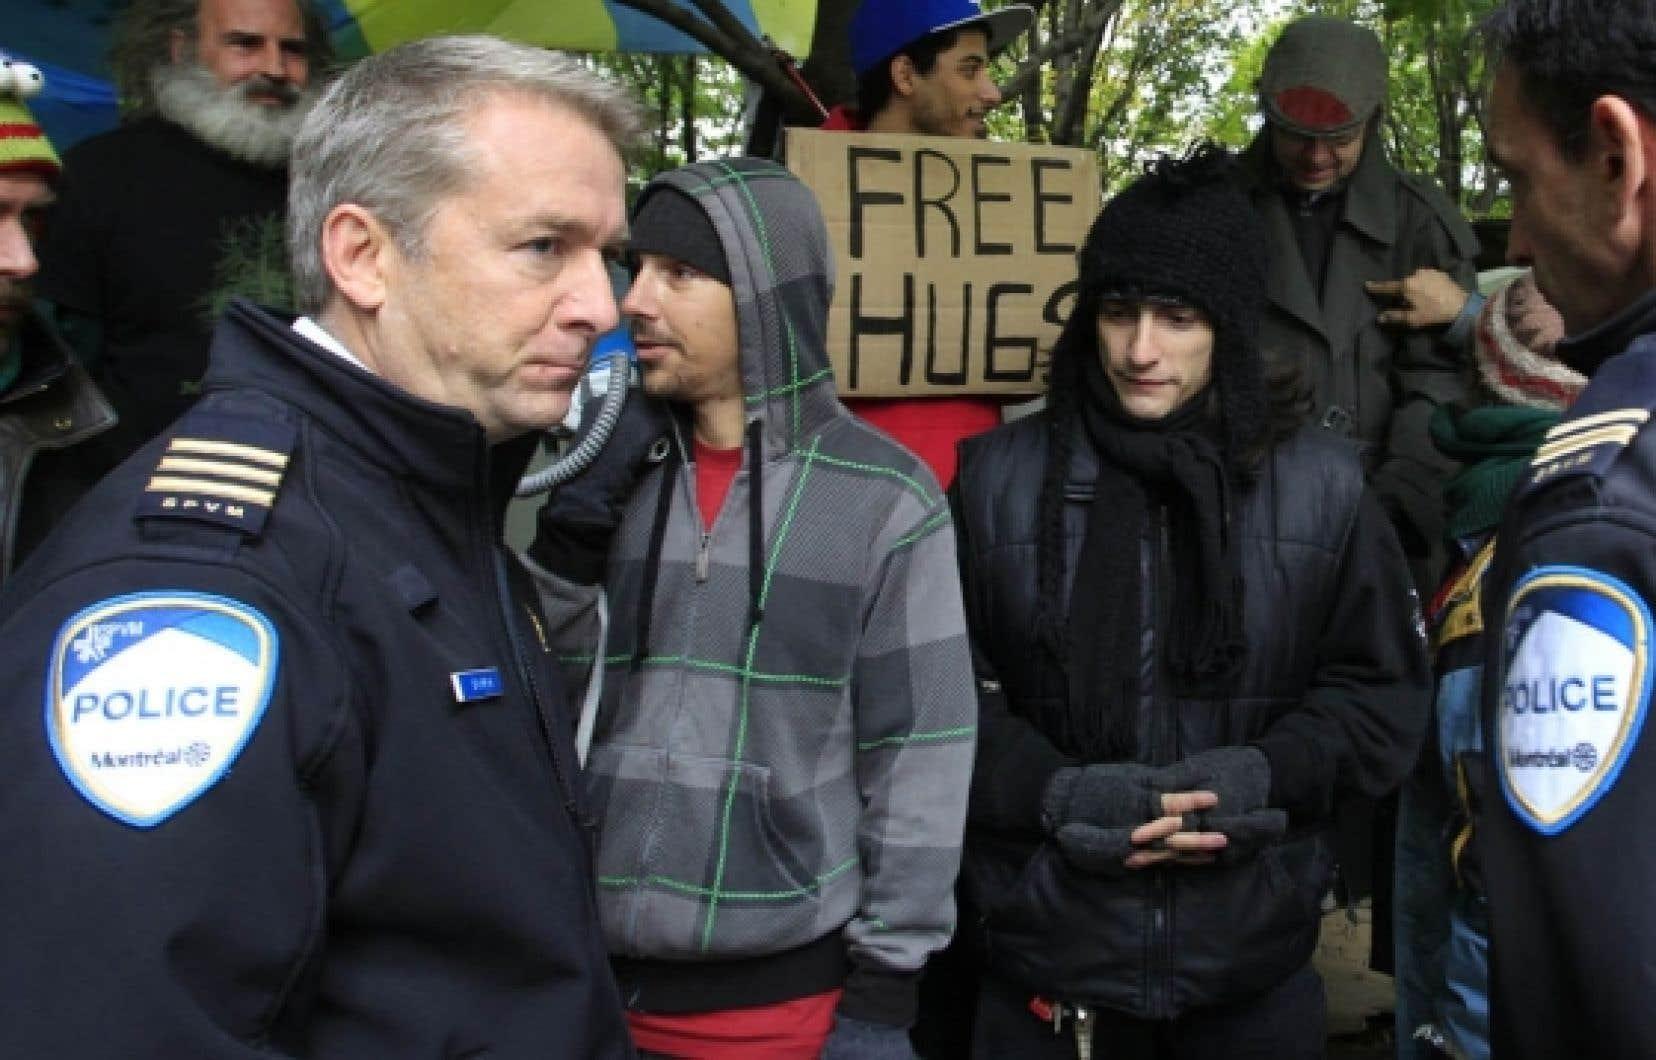 Des policiers de Montr&eacute;al et des indign&eacute;s discutent des meilleures fa&ccedil;ons d&rsquo;assurer une occupation pacifique du square Victoria. <br />